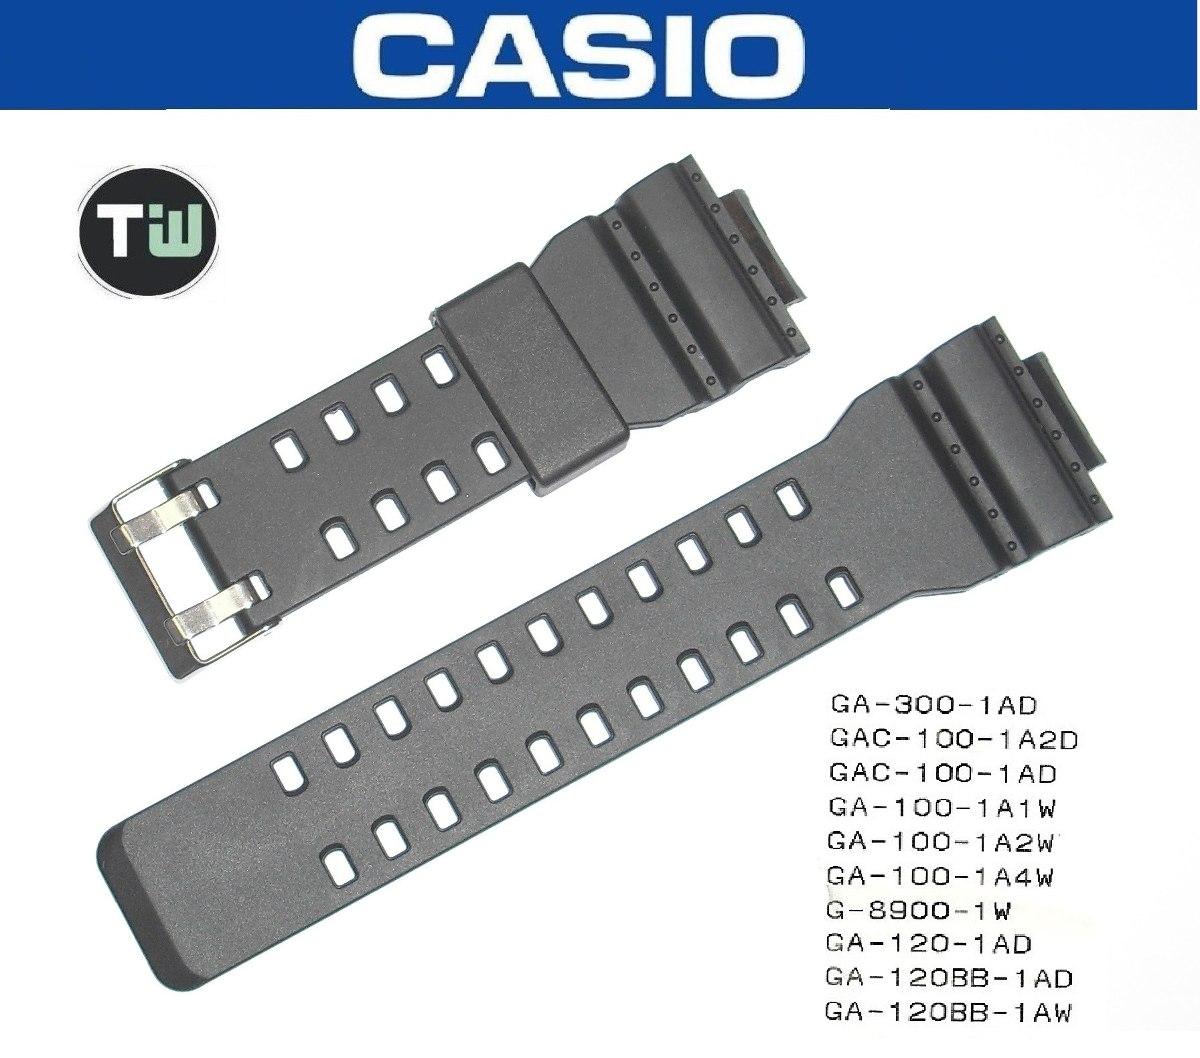 f04f6f62143 Pulseira Casio G-shock Ga-100 Ga-110 Ga-120 Gd-100 Similar - R  59 ...